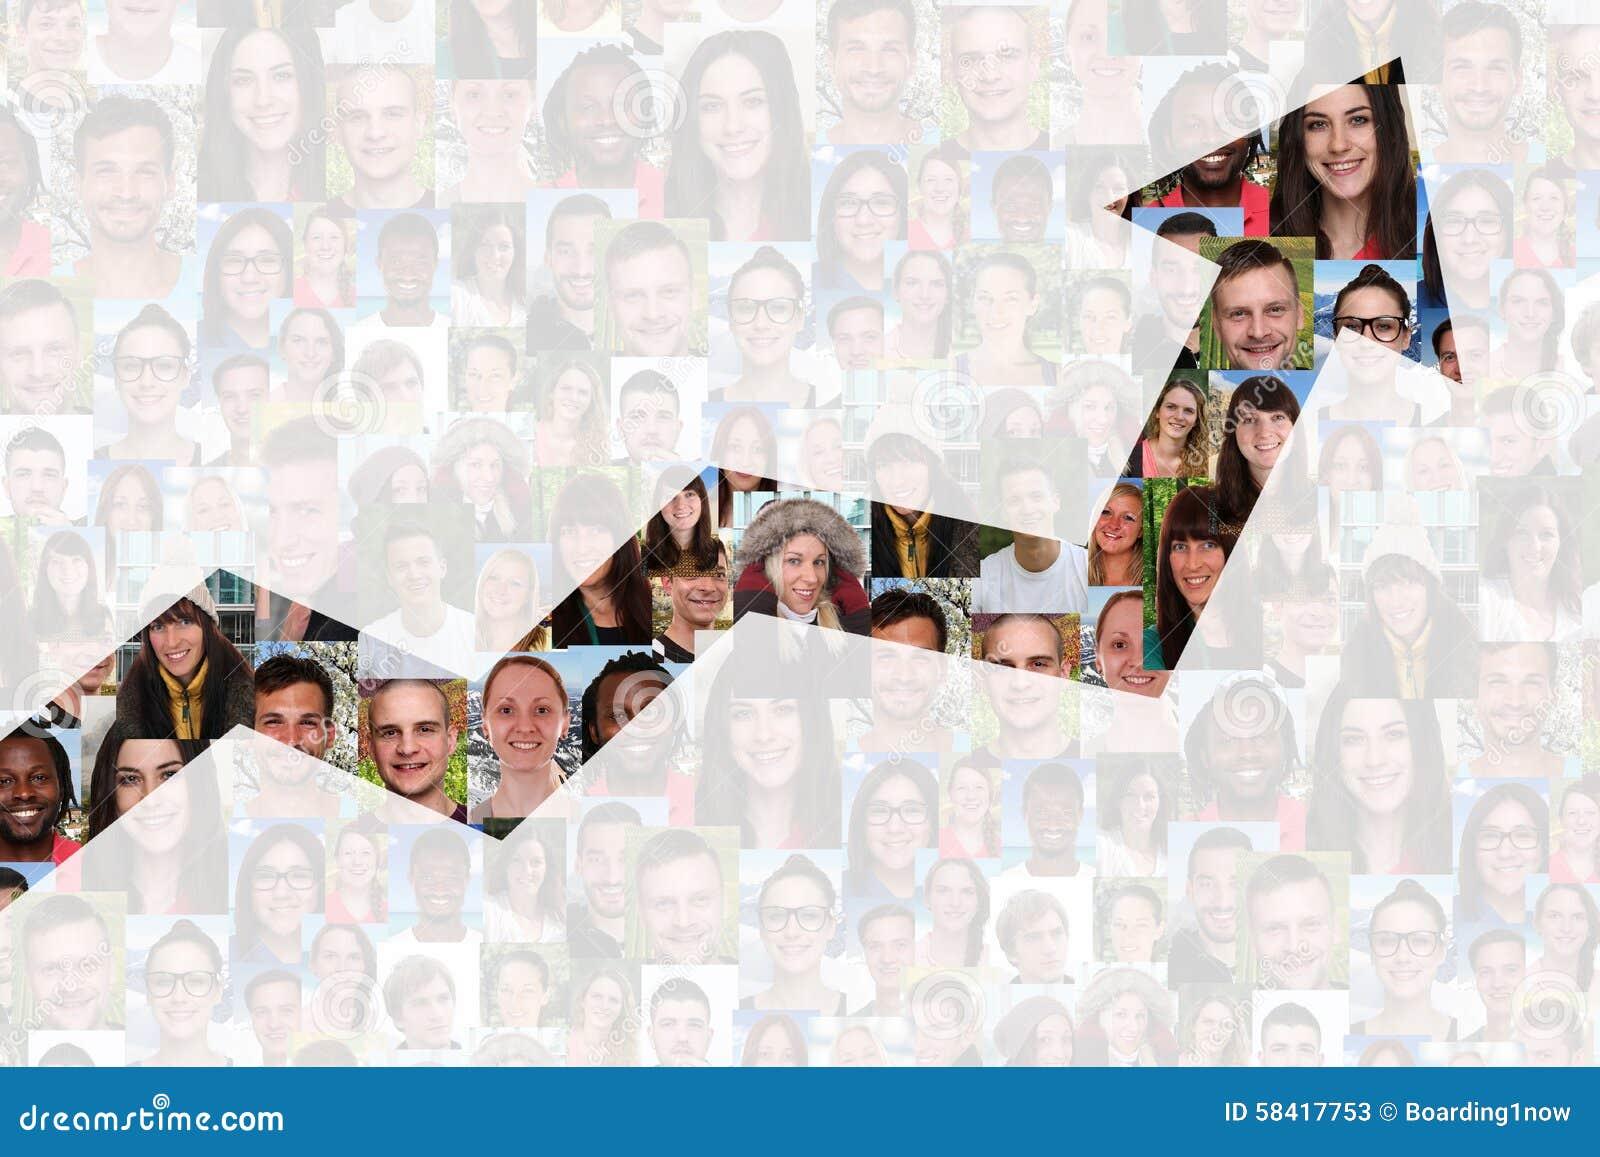 Framgång eller lyckad tillväxtstrategi i affär med folk